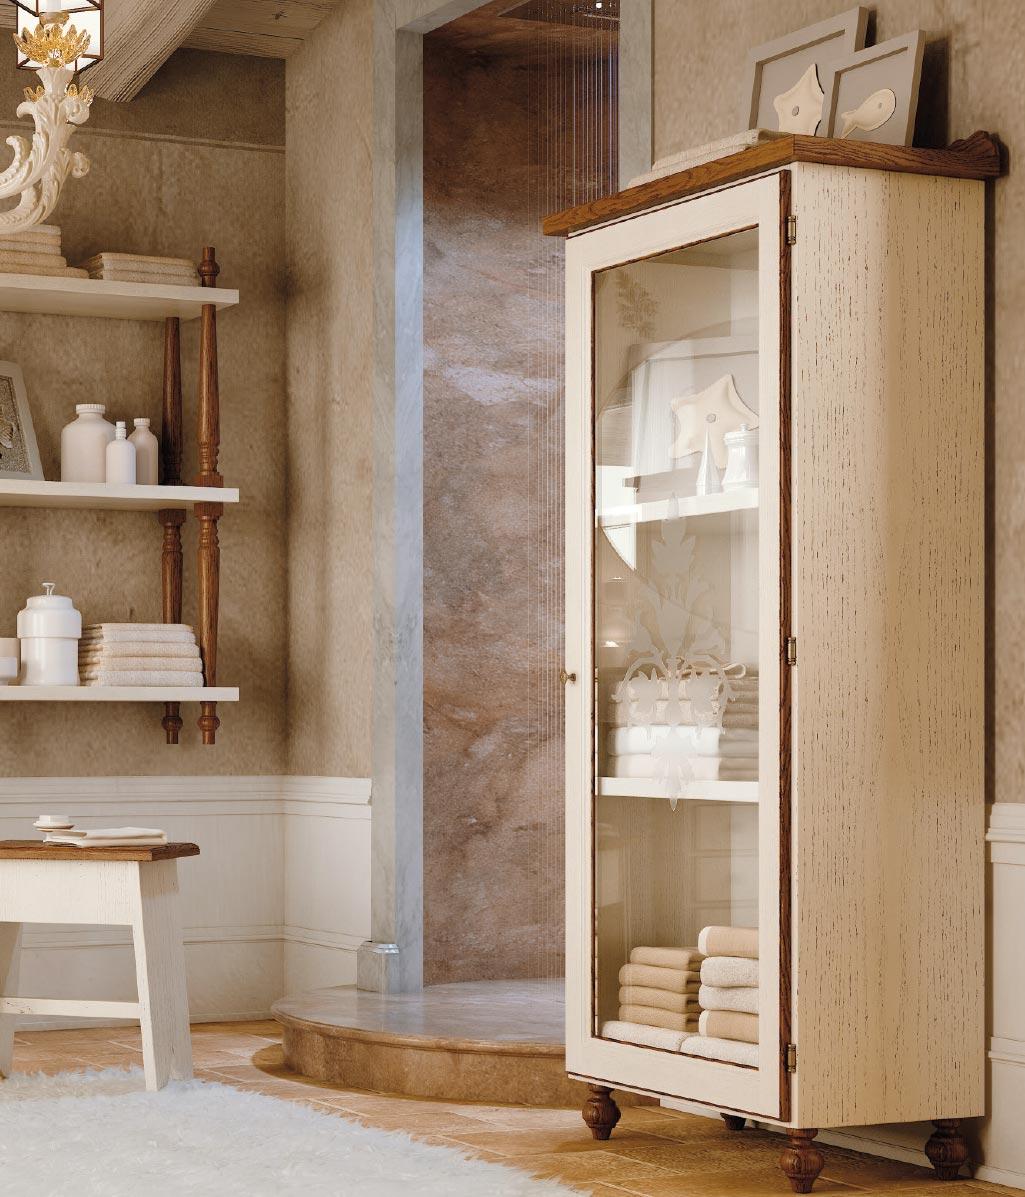 Bagno Stile Francese : Faccio un bagno in francese giame porte e finestre cosenza